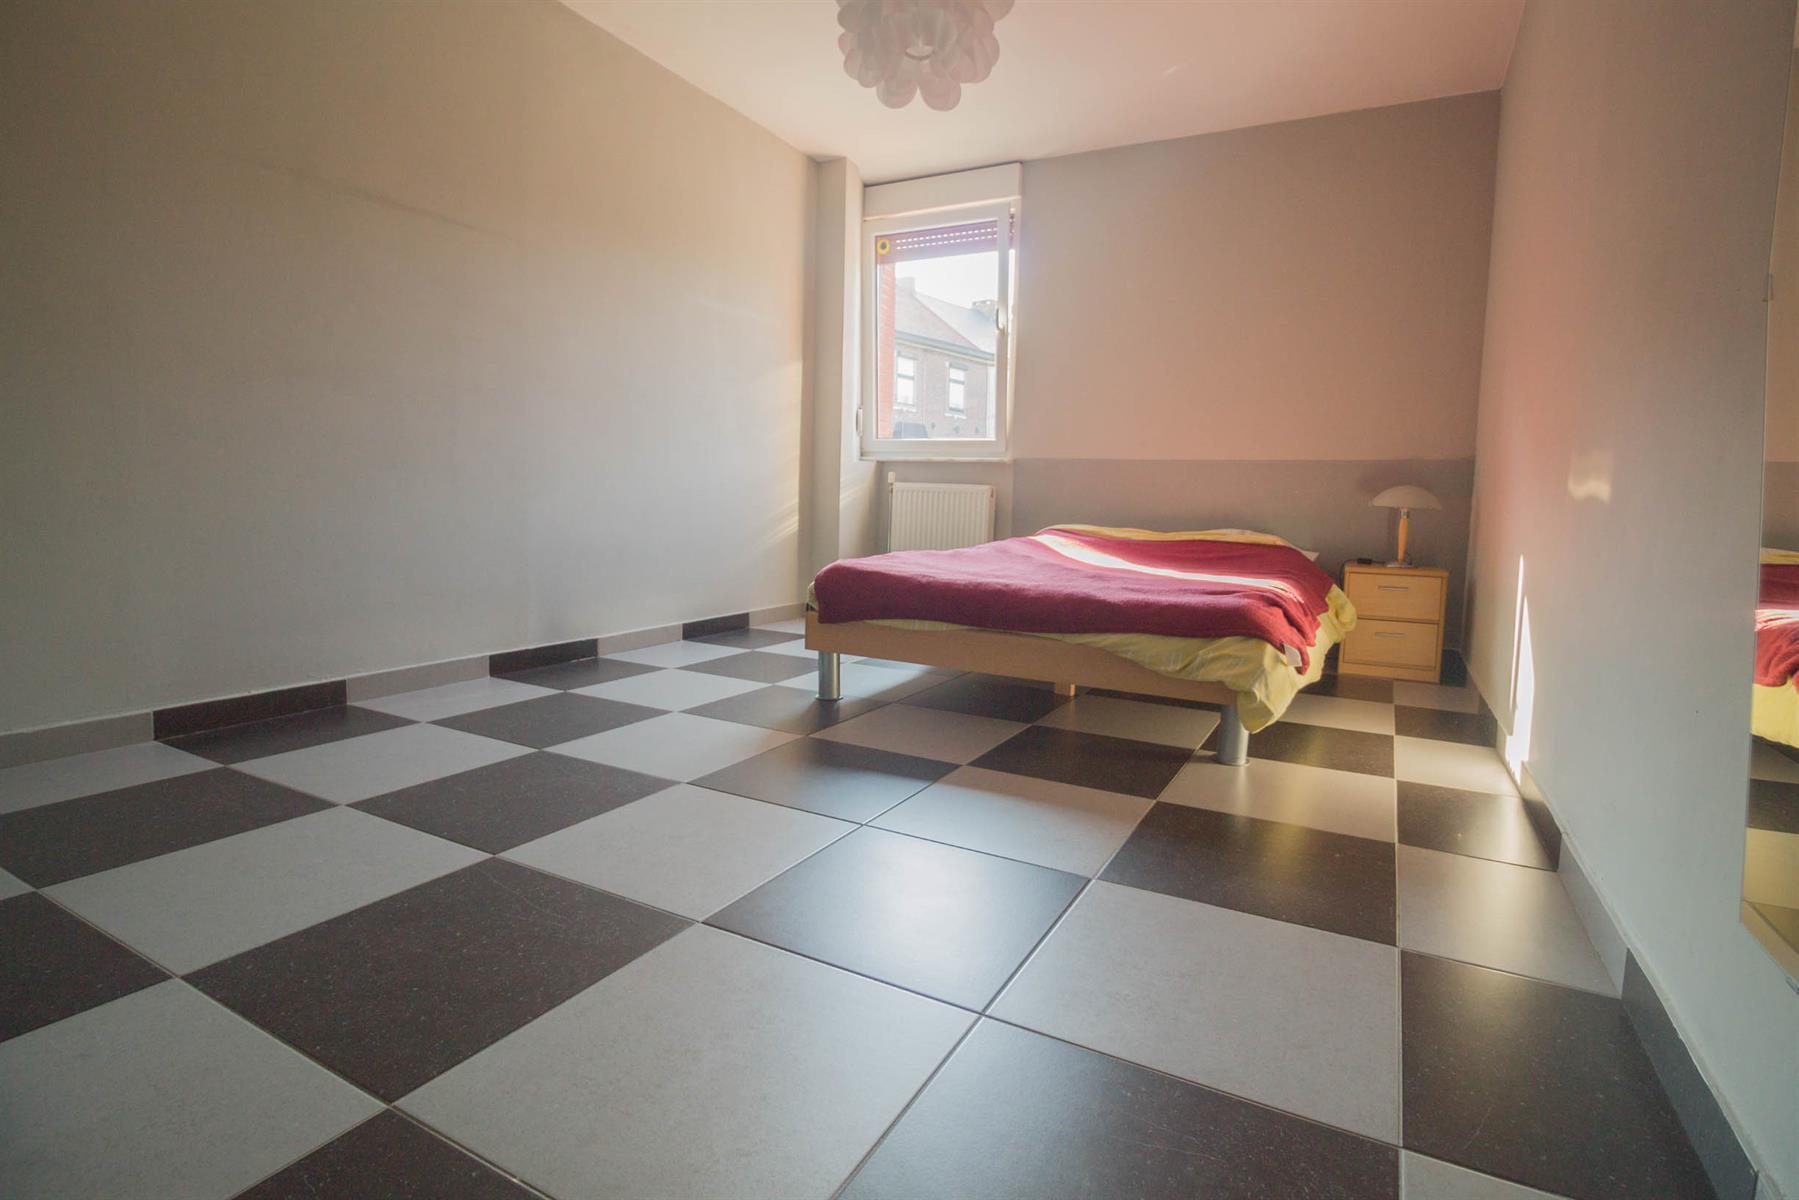 Appartement - Forchies-la-Marche - #4397249-9